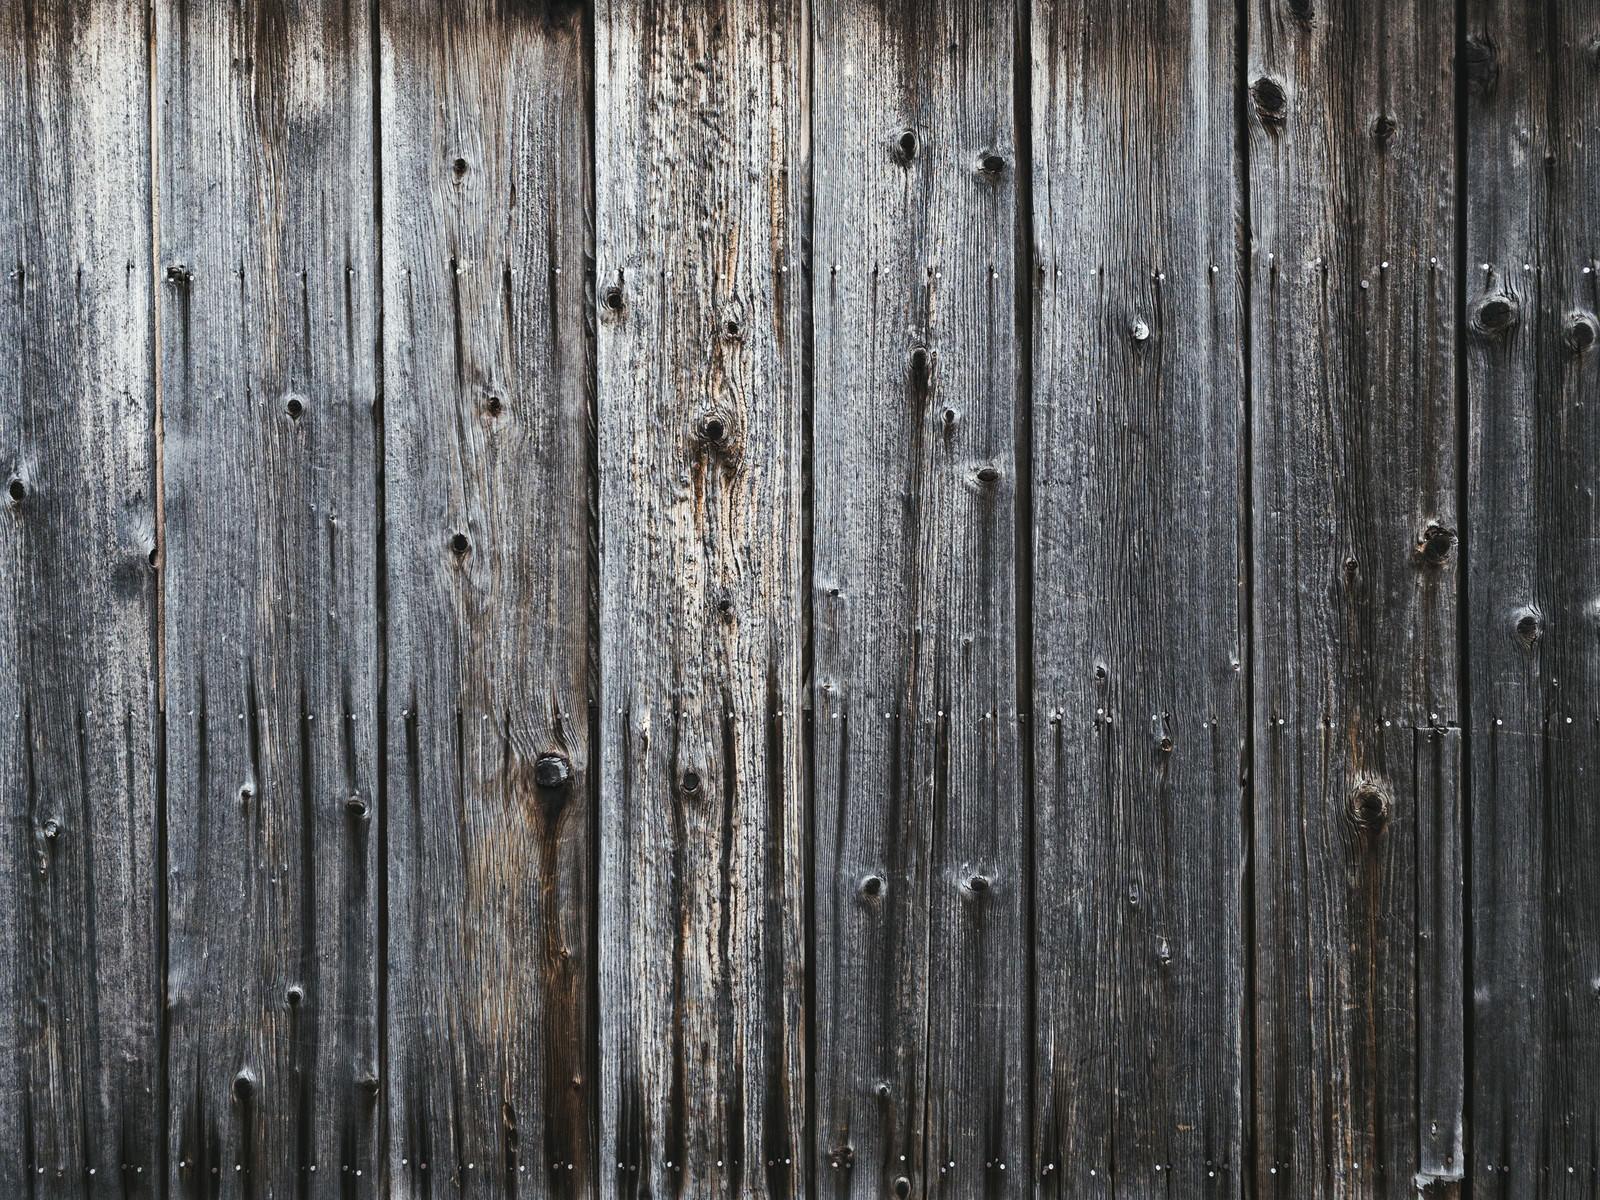 「古い木目の板(壁)」の写真